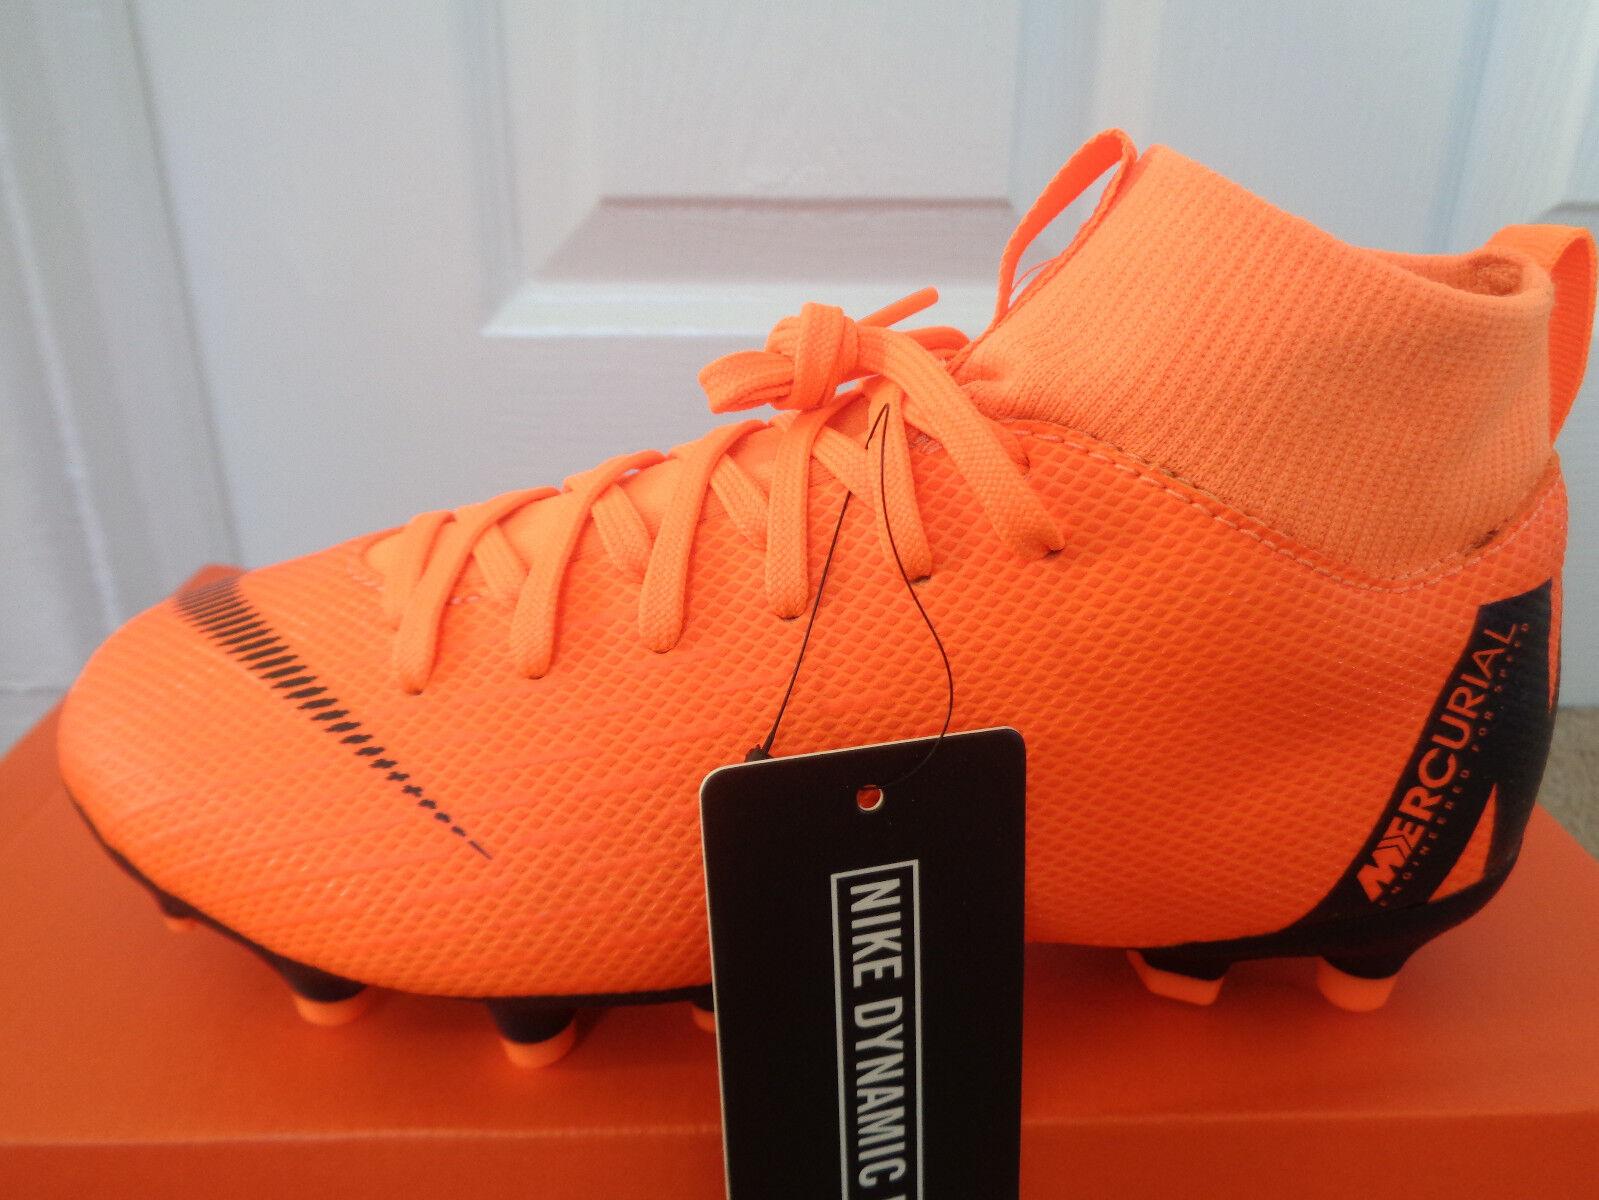 Nike súperfly 6 Academia GS mg Fútbol botas AH7331 810 1 EU 33 nos 1.5 y NUEVO